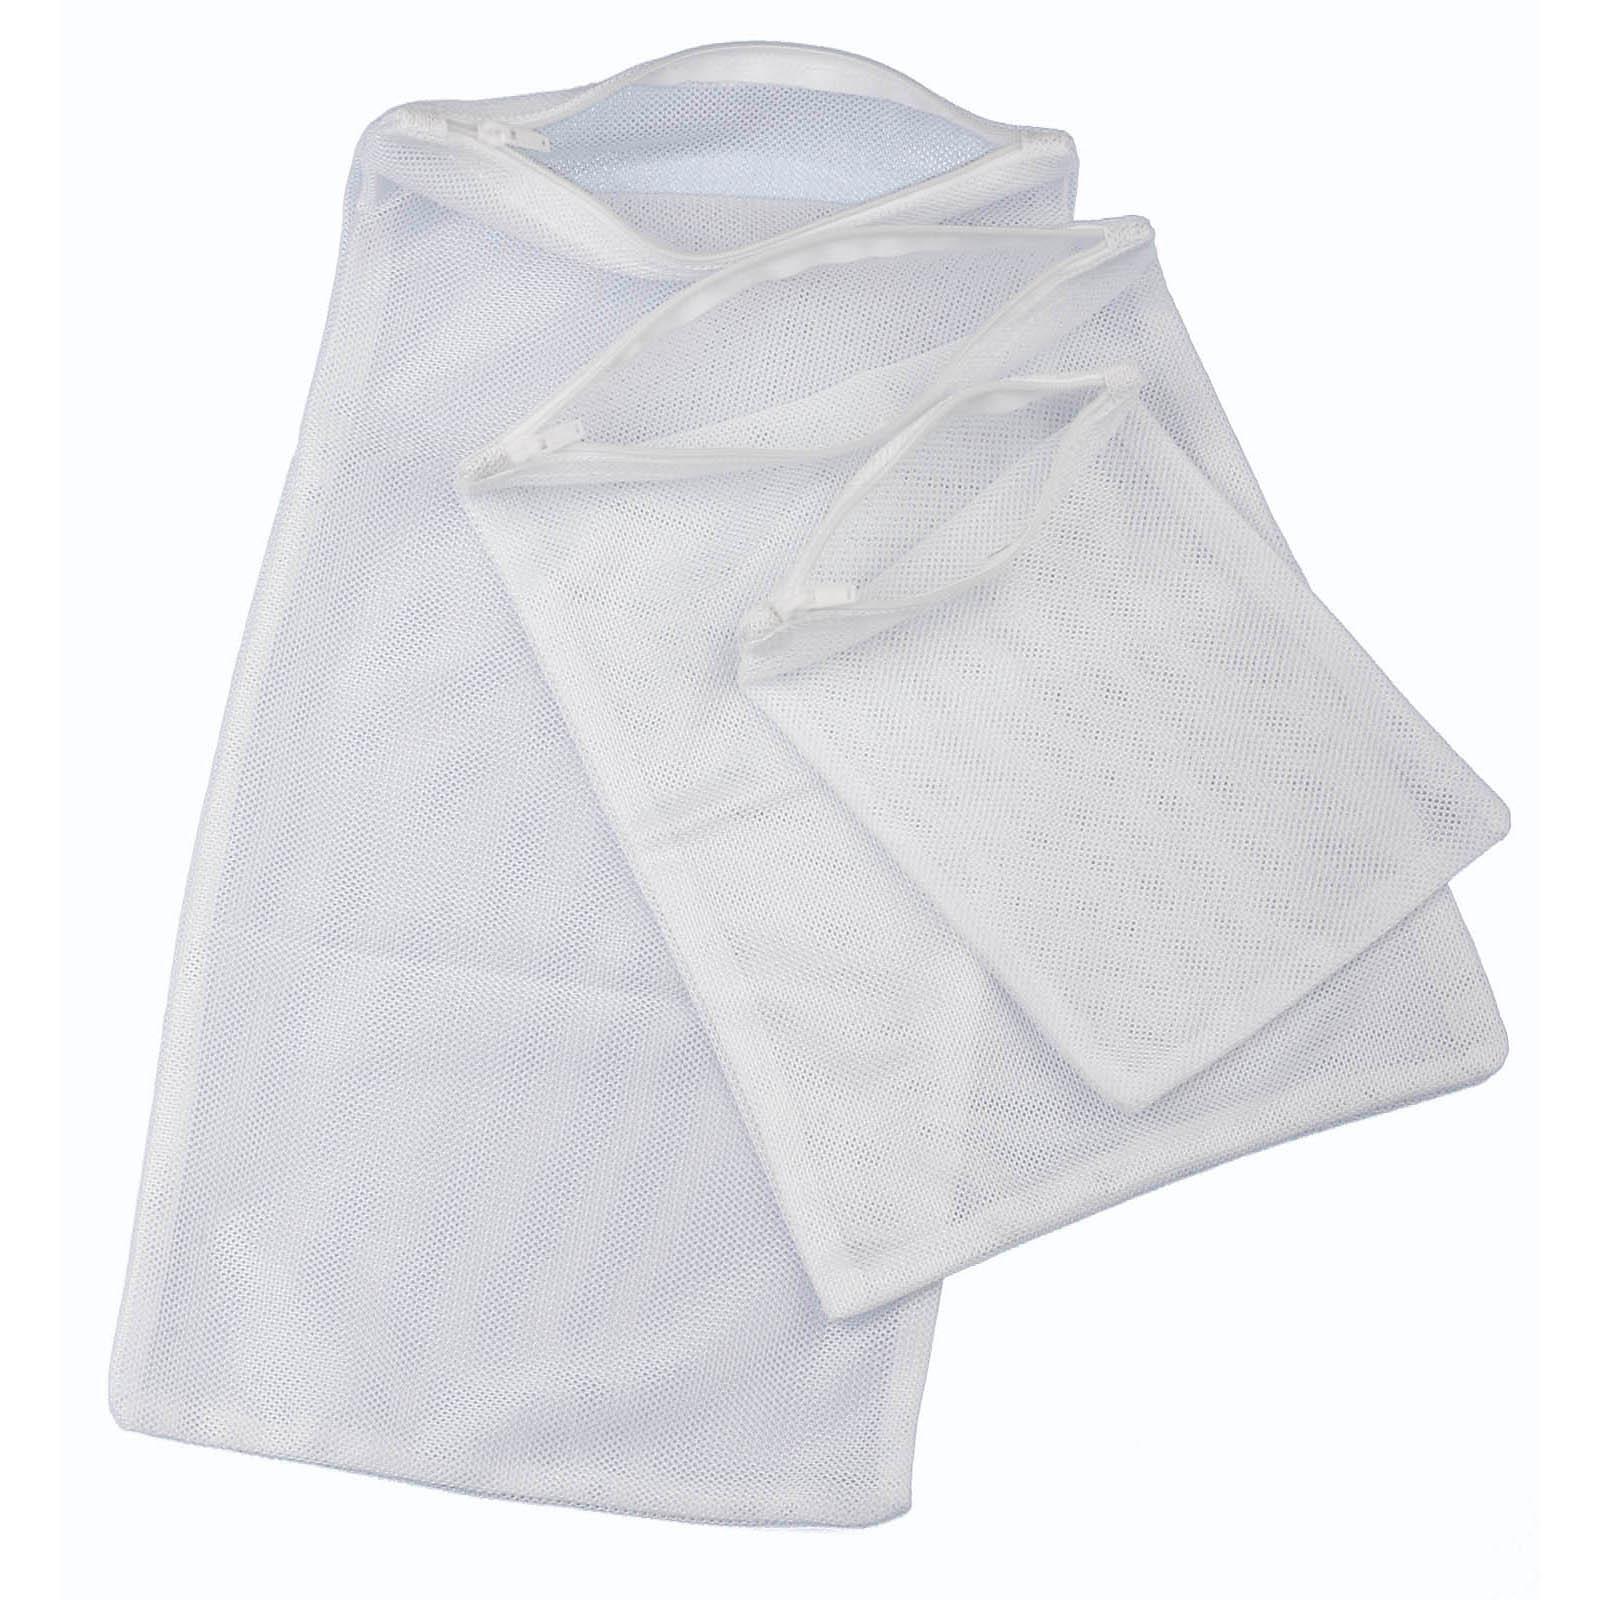 AQUA MEDIC Filter Bag 1 taille 22 x 15 cm sac pour masses filtrantes avec fermeture rapide